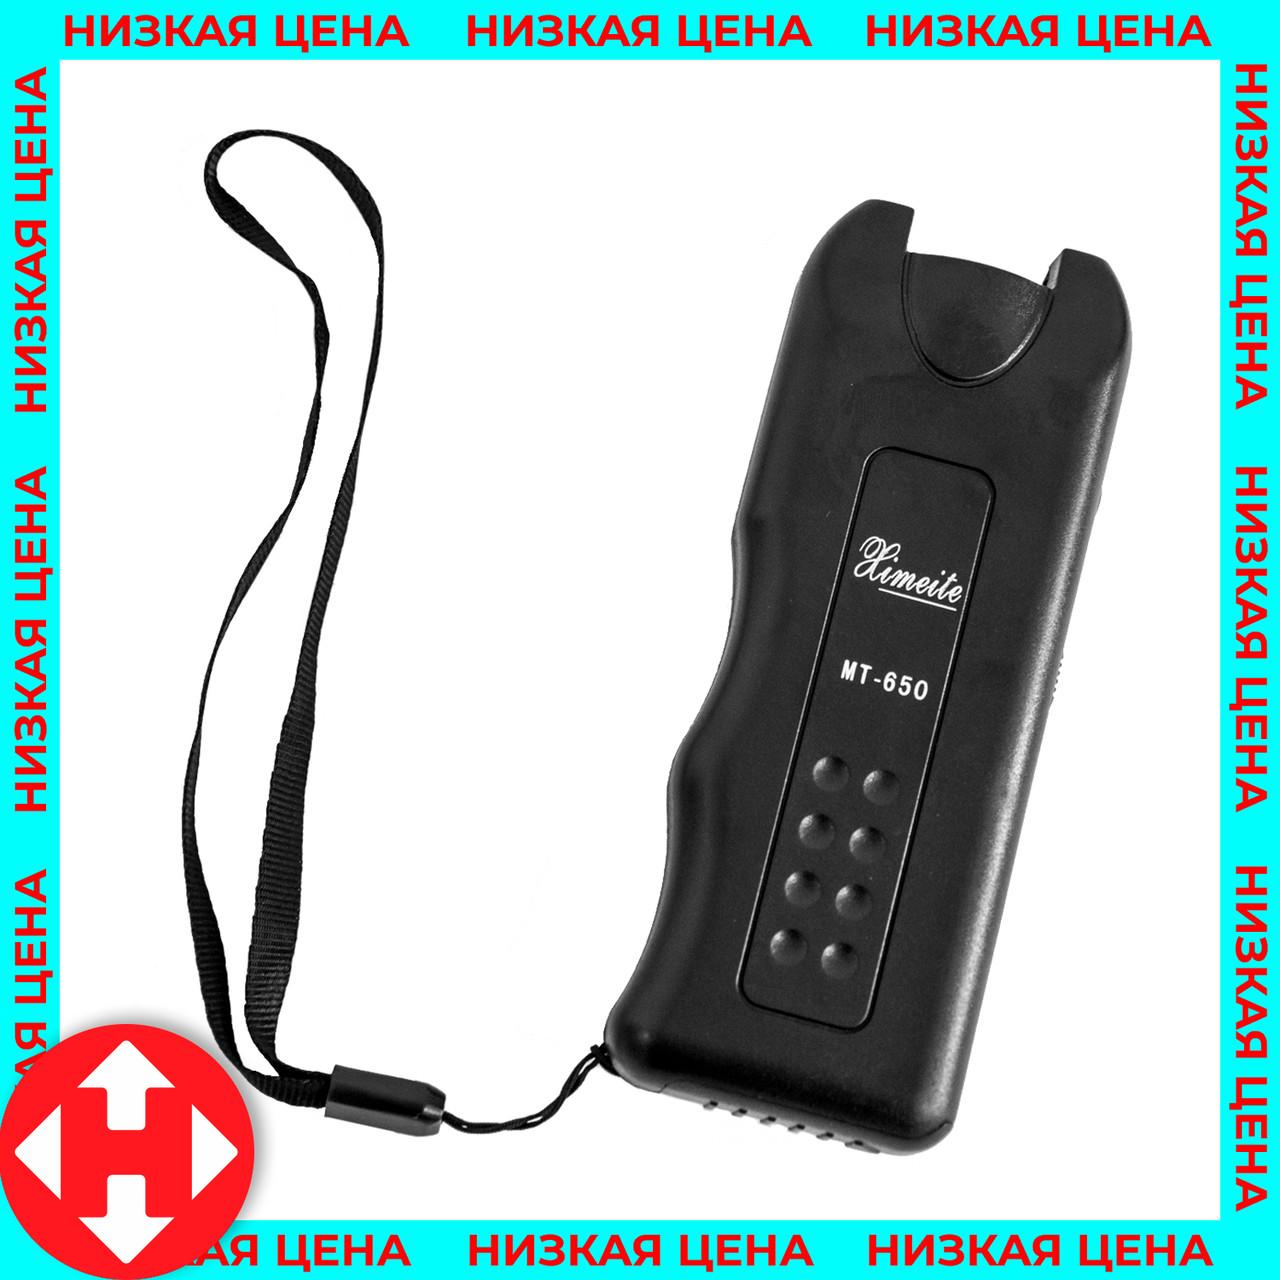 Ультразвуковой отпугиватель собак Ximeite MT-650 прибор для отпугивания собак (відлякувач собак)